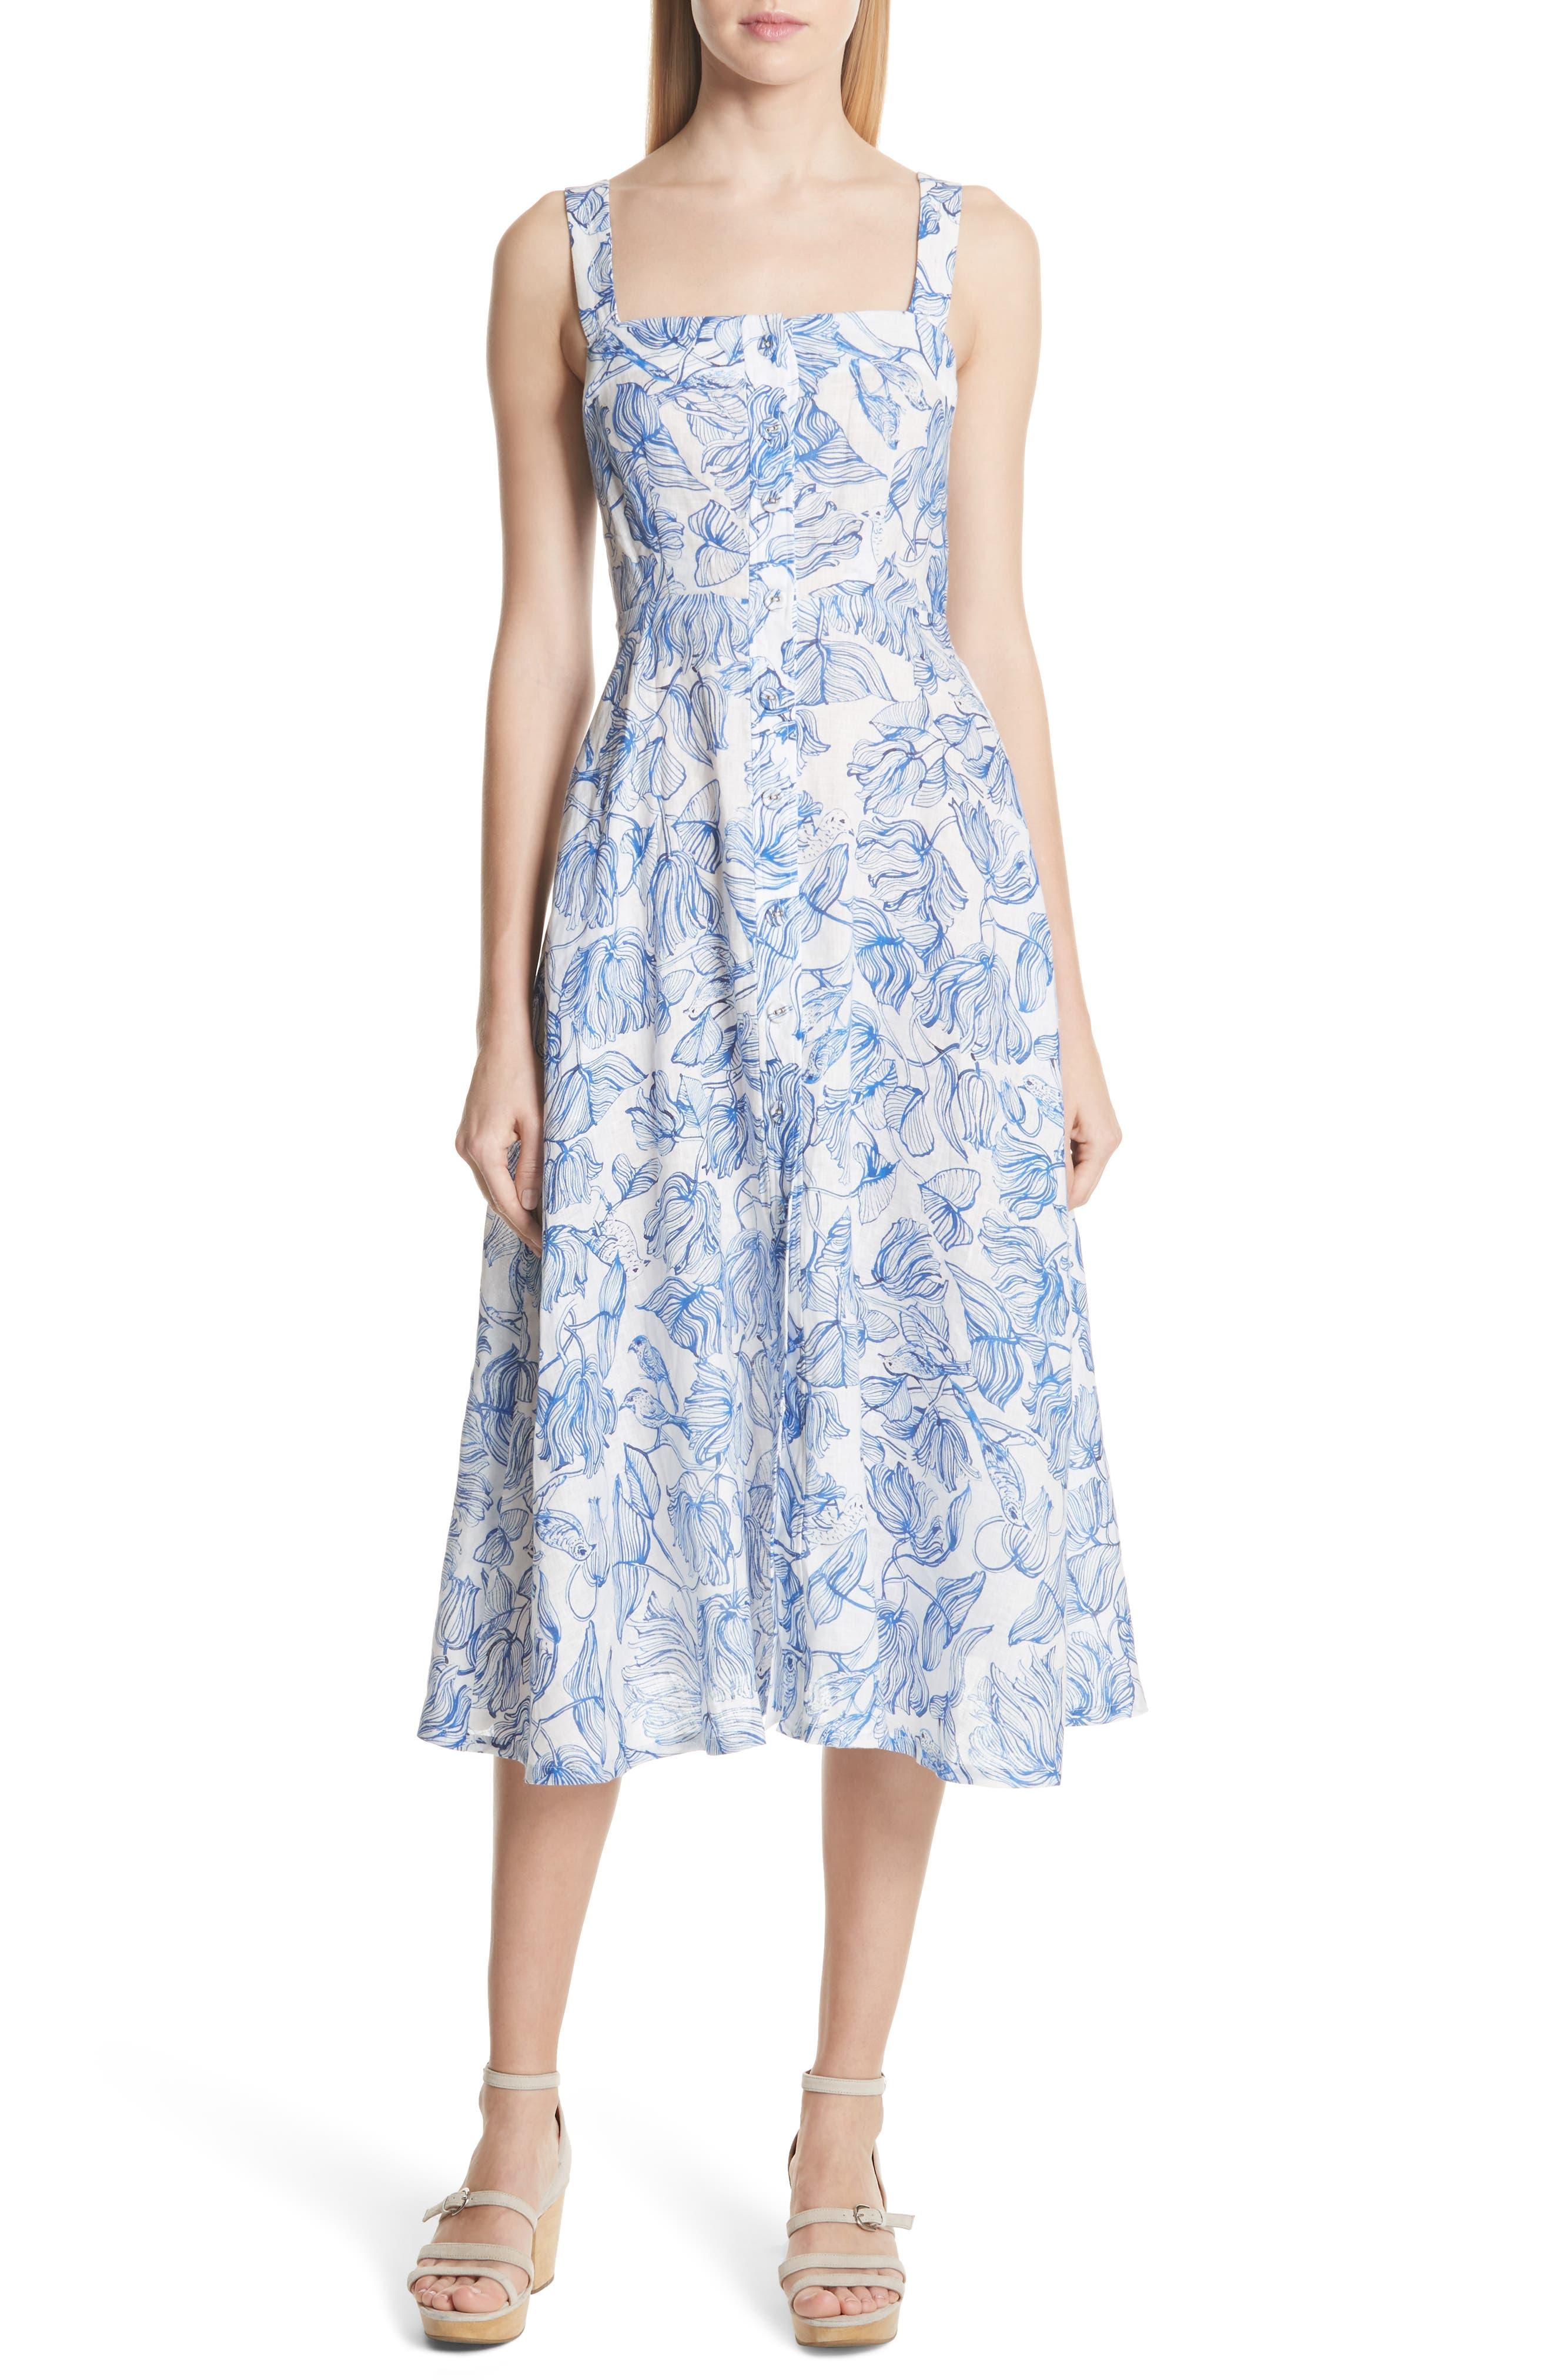 RACHEL COMEY Lido Linen Dress, Main, color, 435